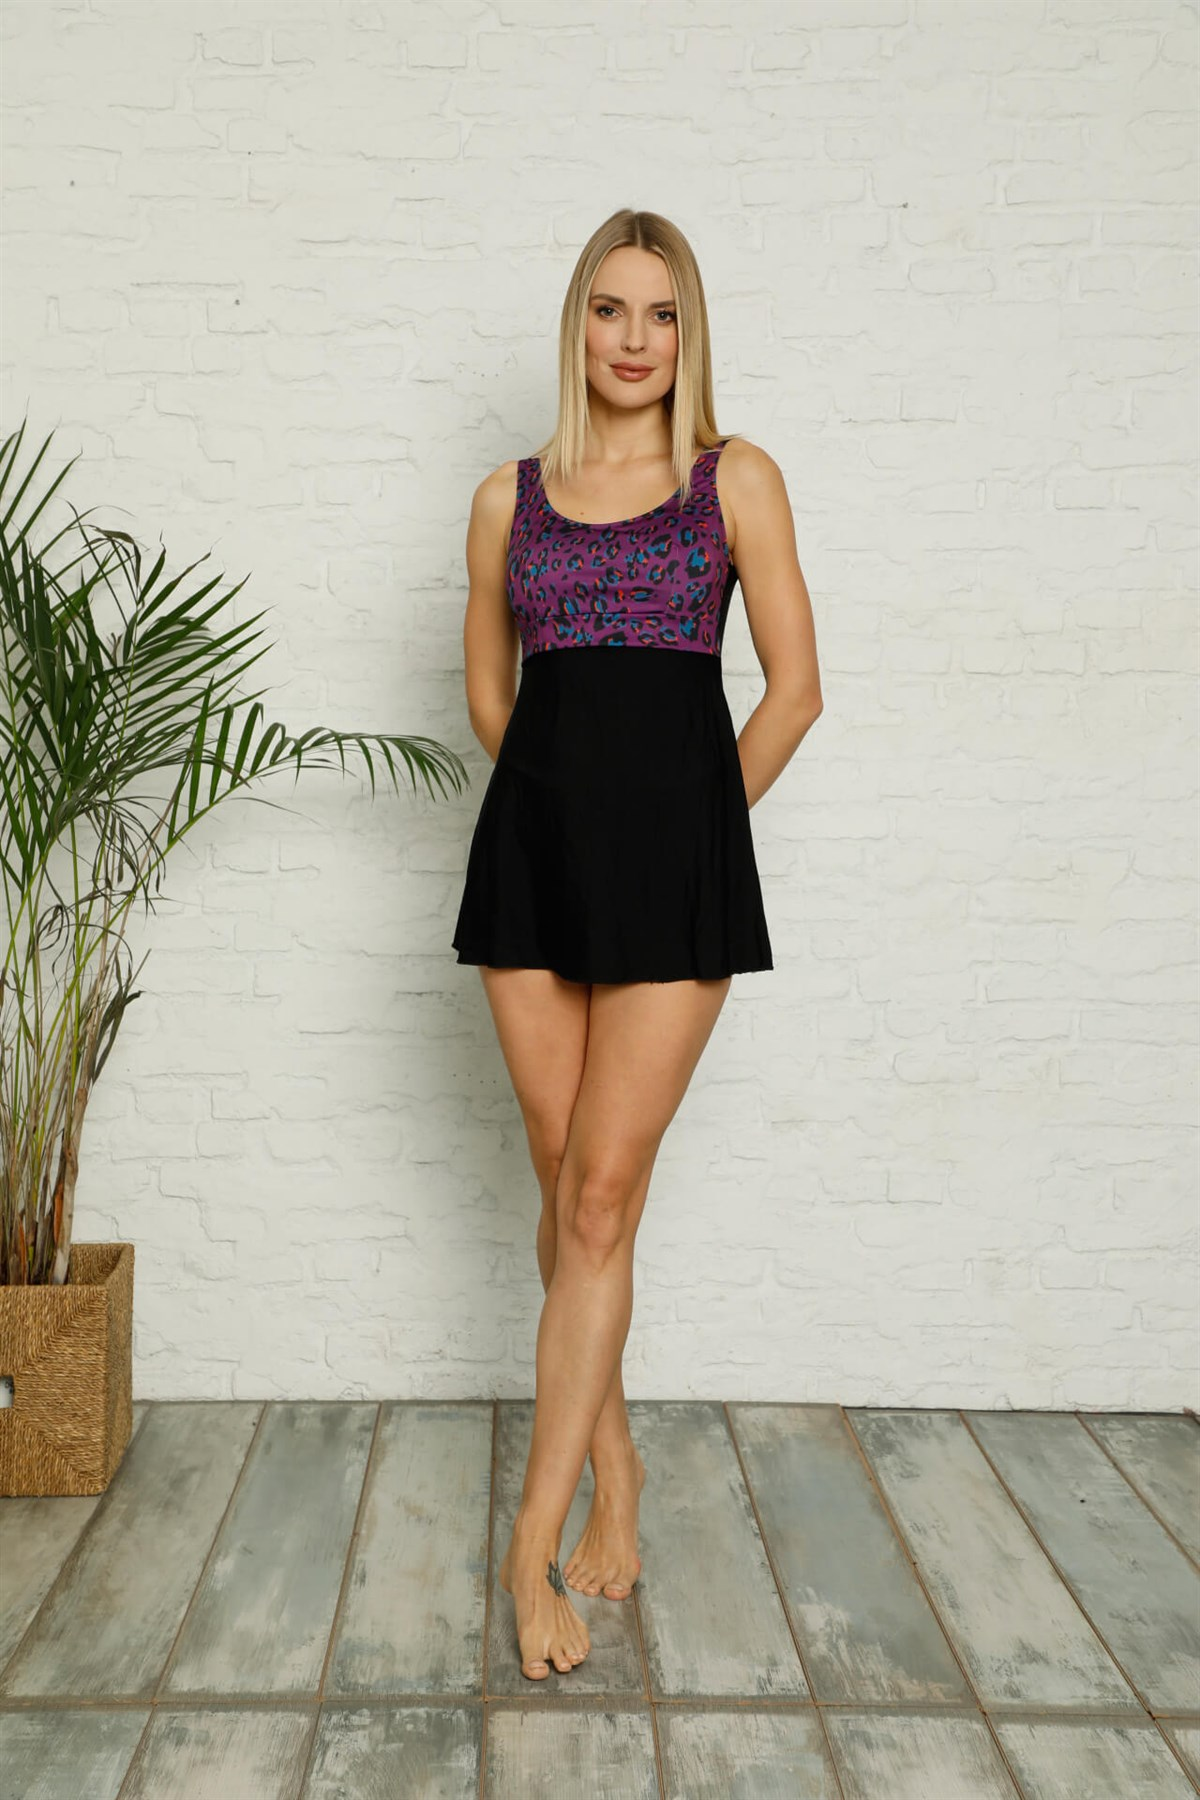 Moda Çizgi Şortlu Likralı Elbise Tesettür Mayo 28187